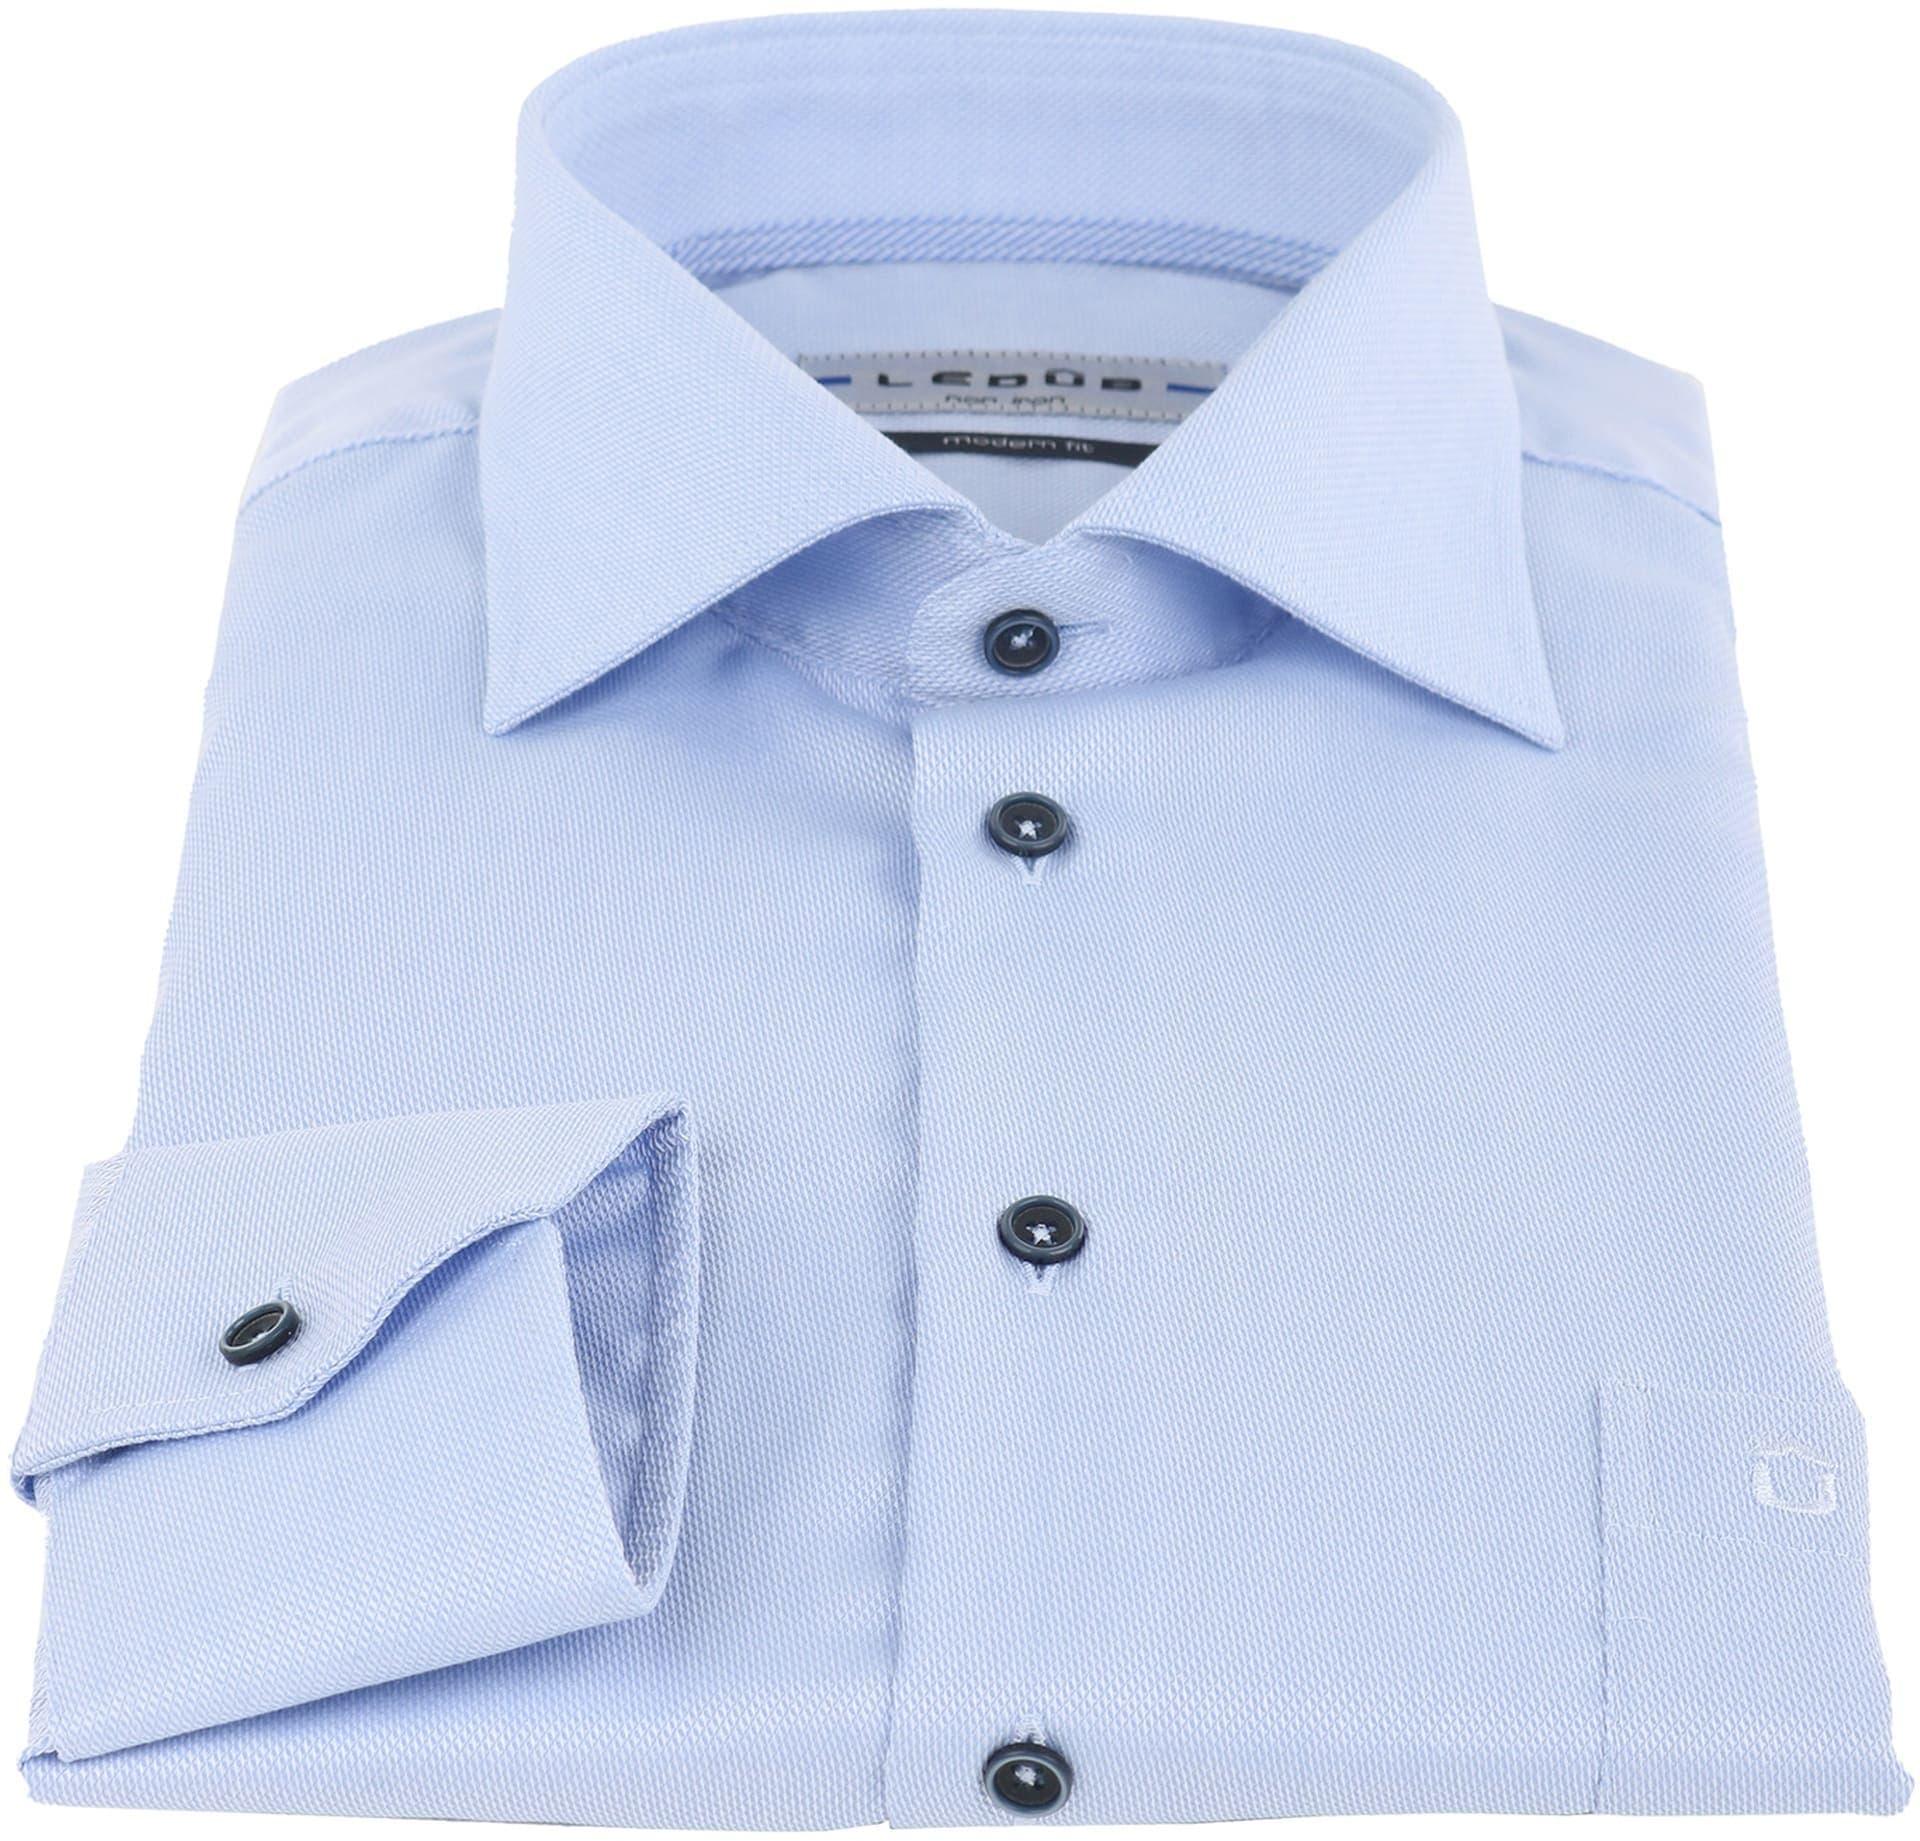 Ledub Overhemd Strijkvrij Blauw foto 1